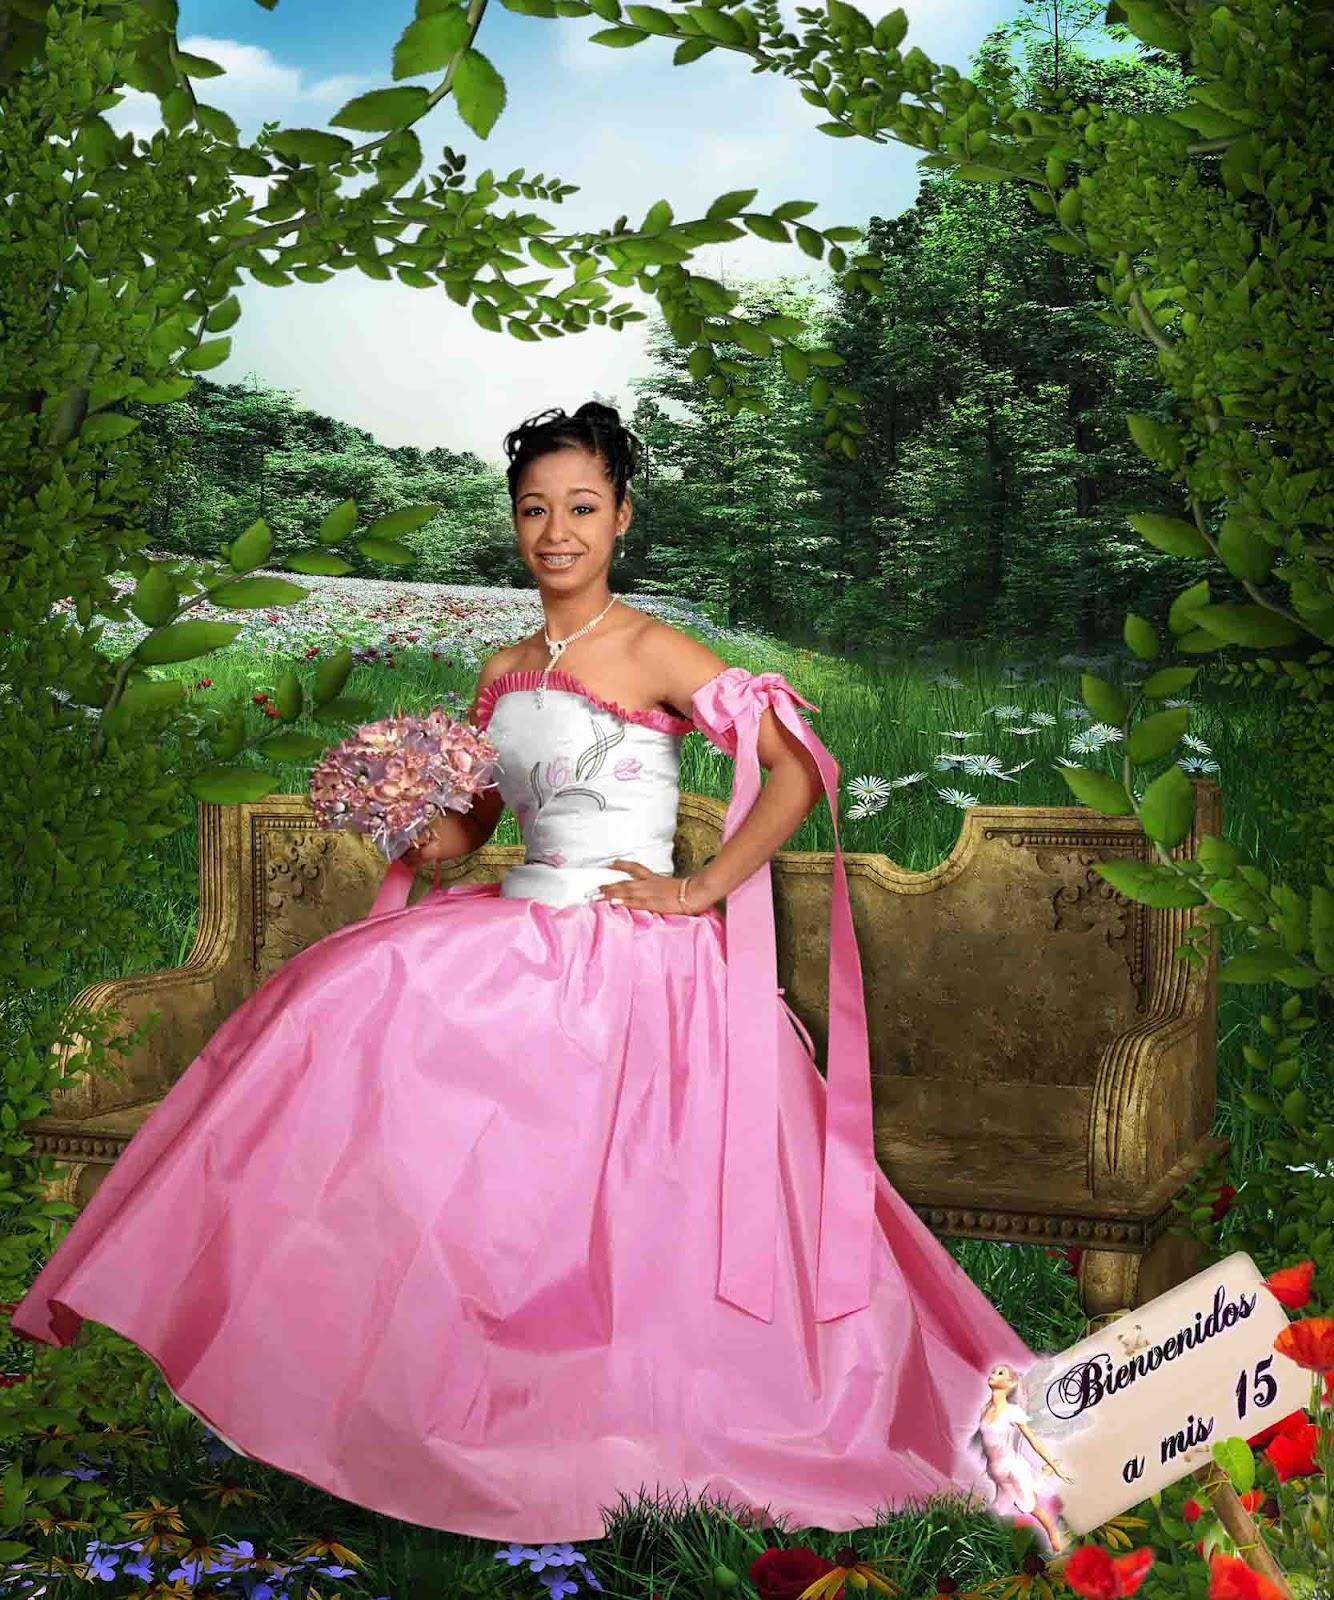 Fondo en jardin para 15 a os plantillas para photoshop 2017 for Jardin 81 treinta y tres